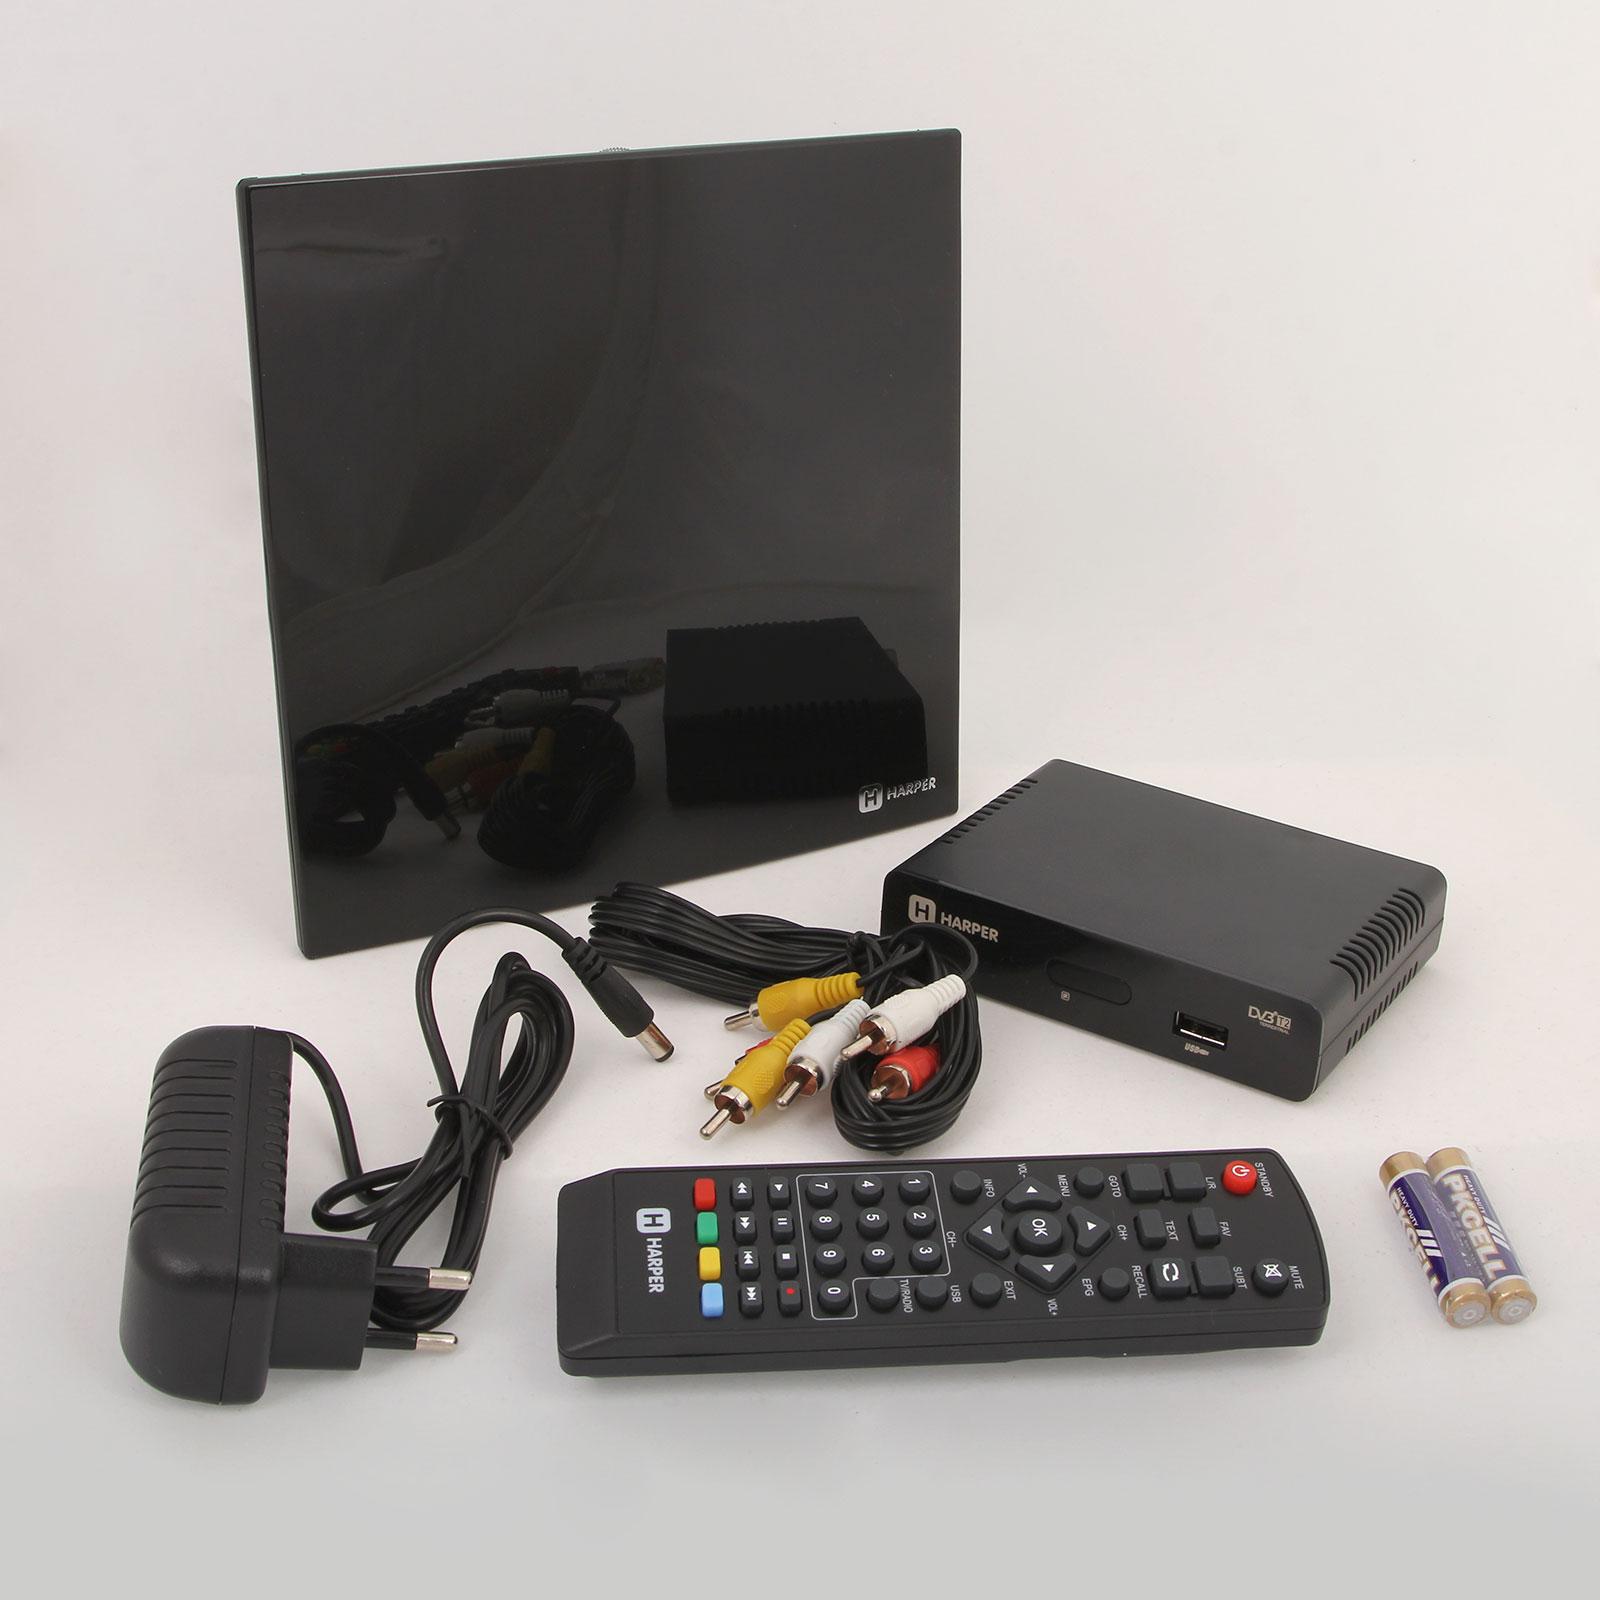 ТВ-комплект «Идеальное цифровое телевидение»